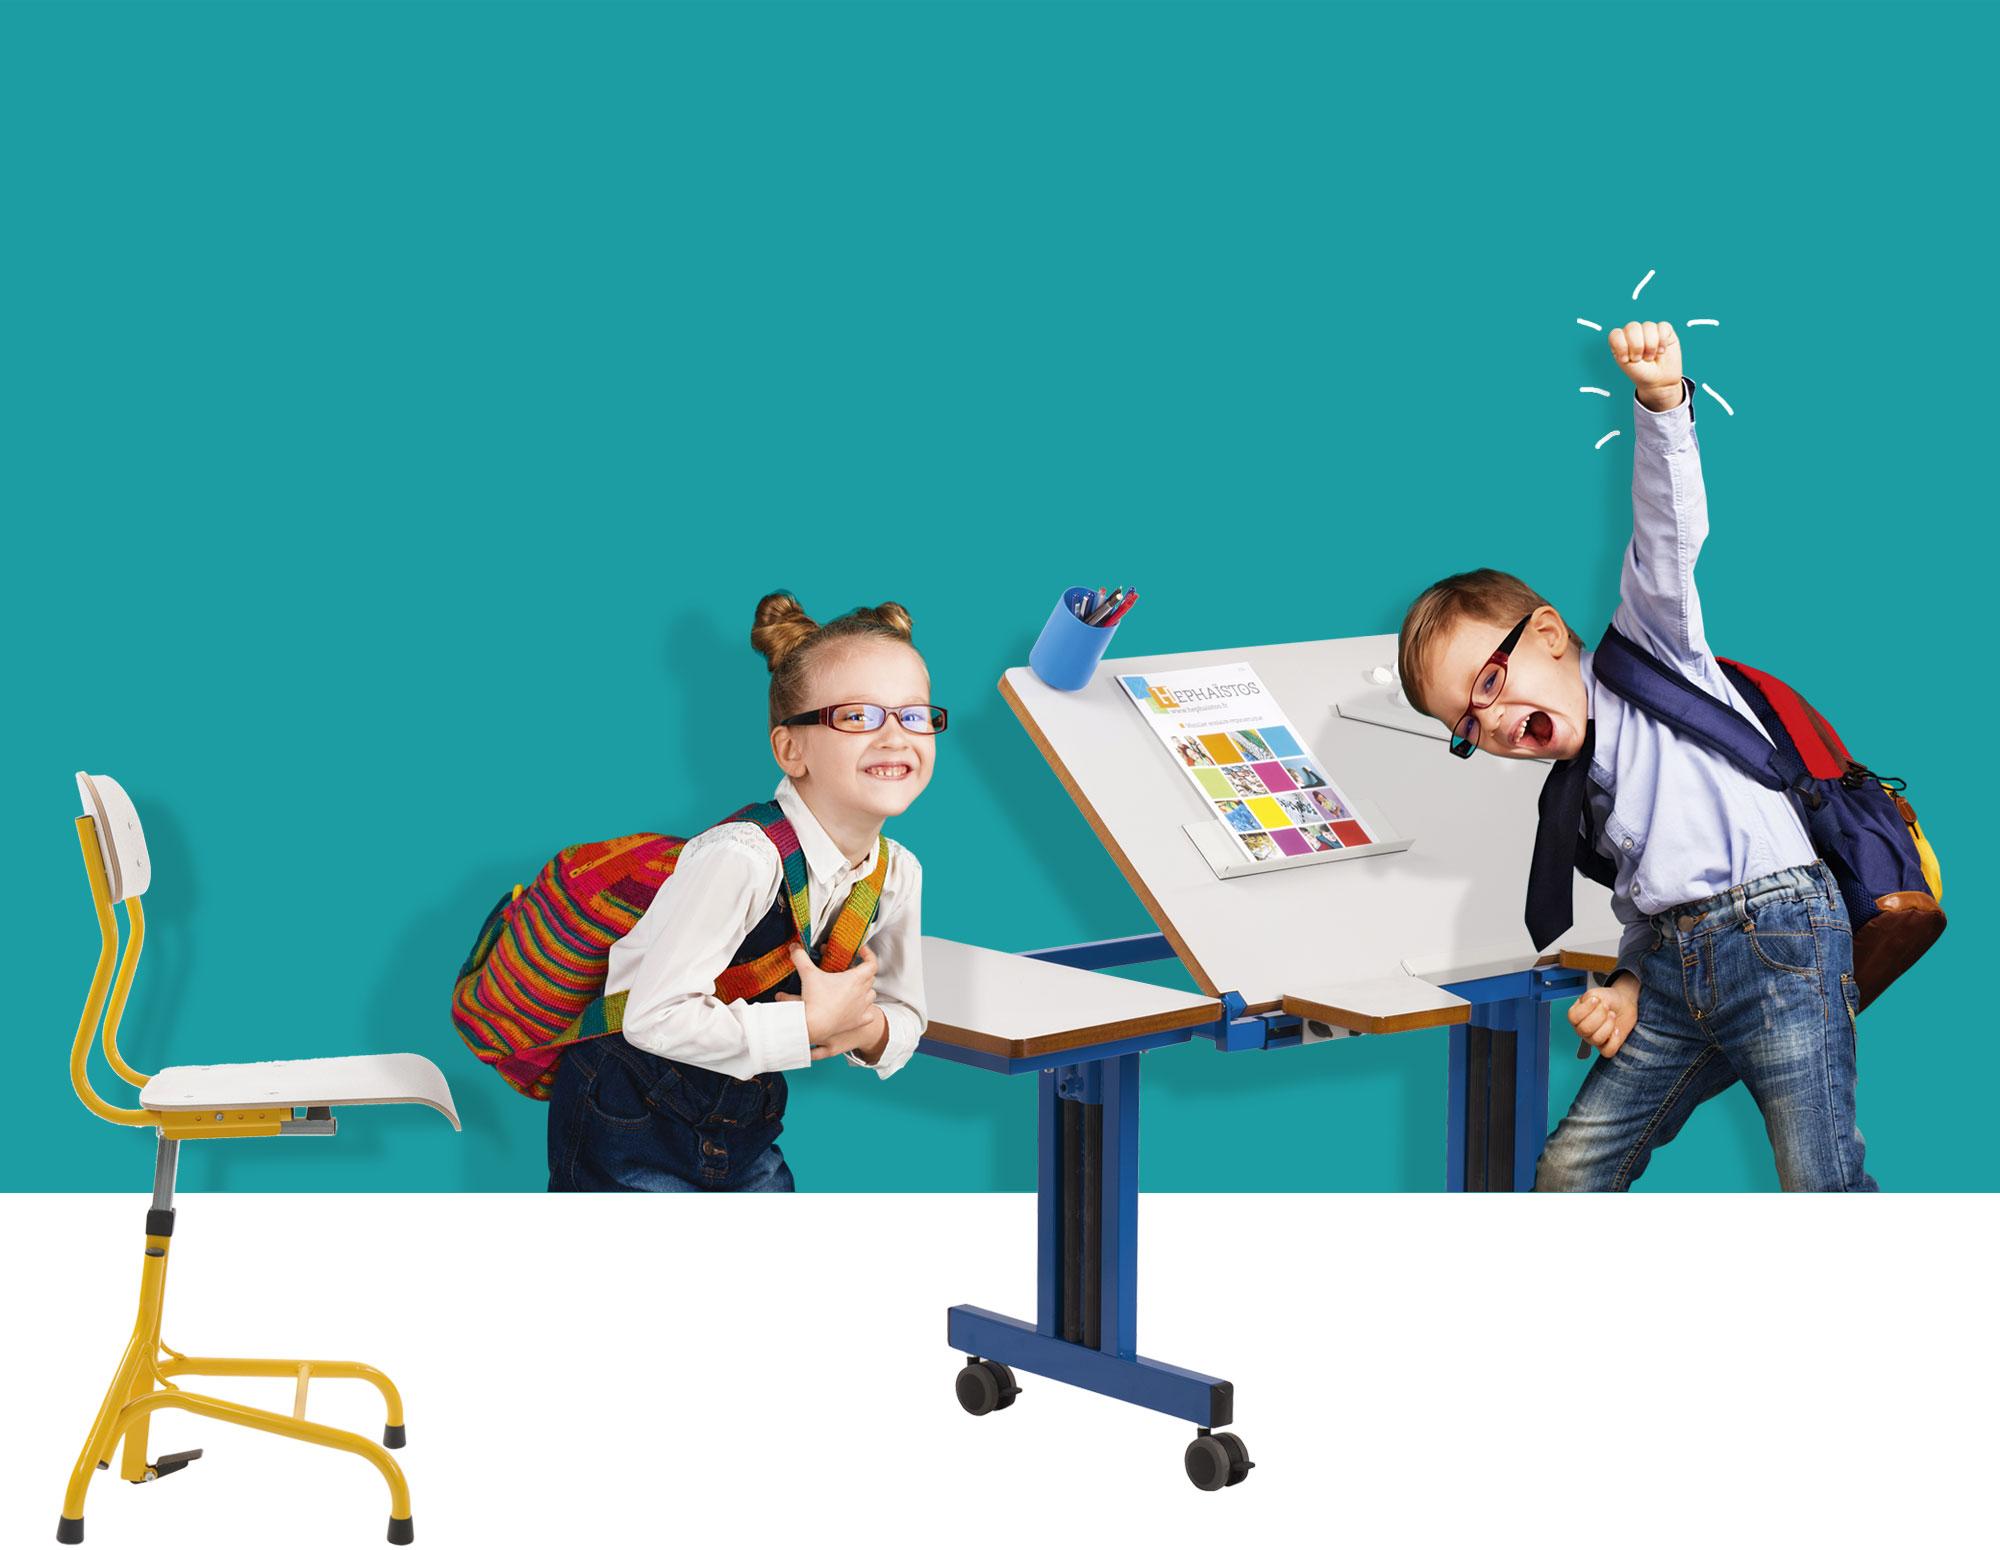 Hephaïstos mobilier ergonomique optez pour la bonne posture